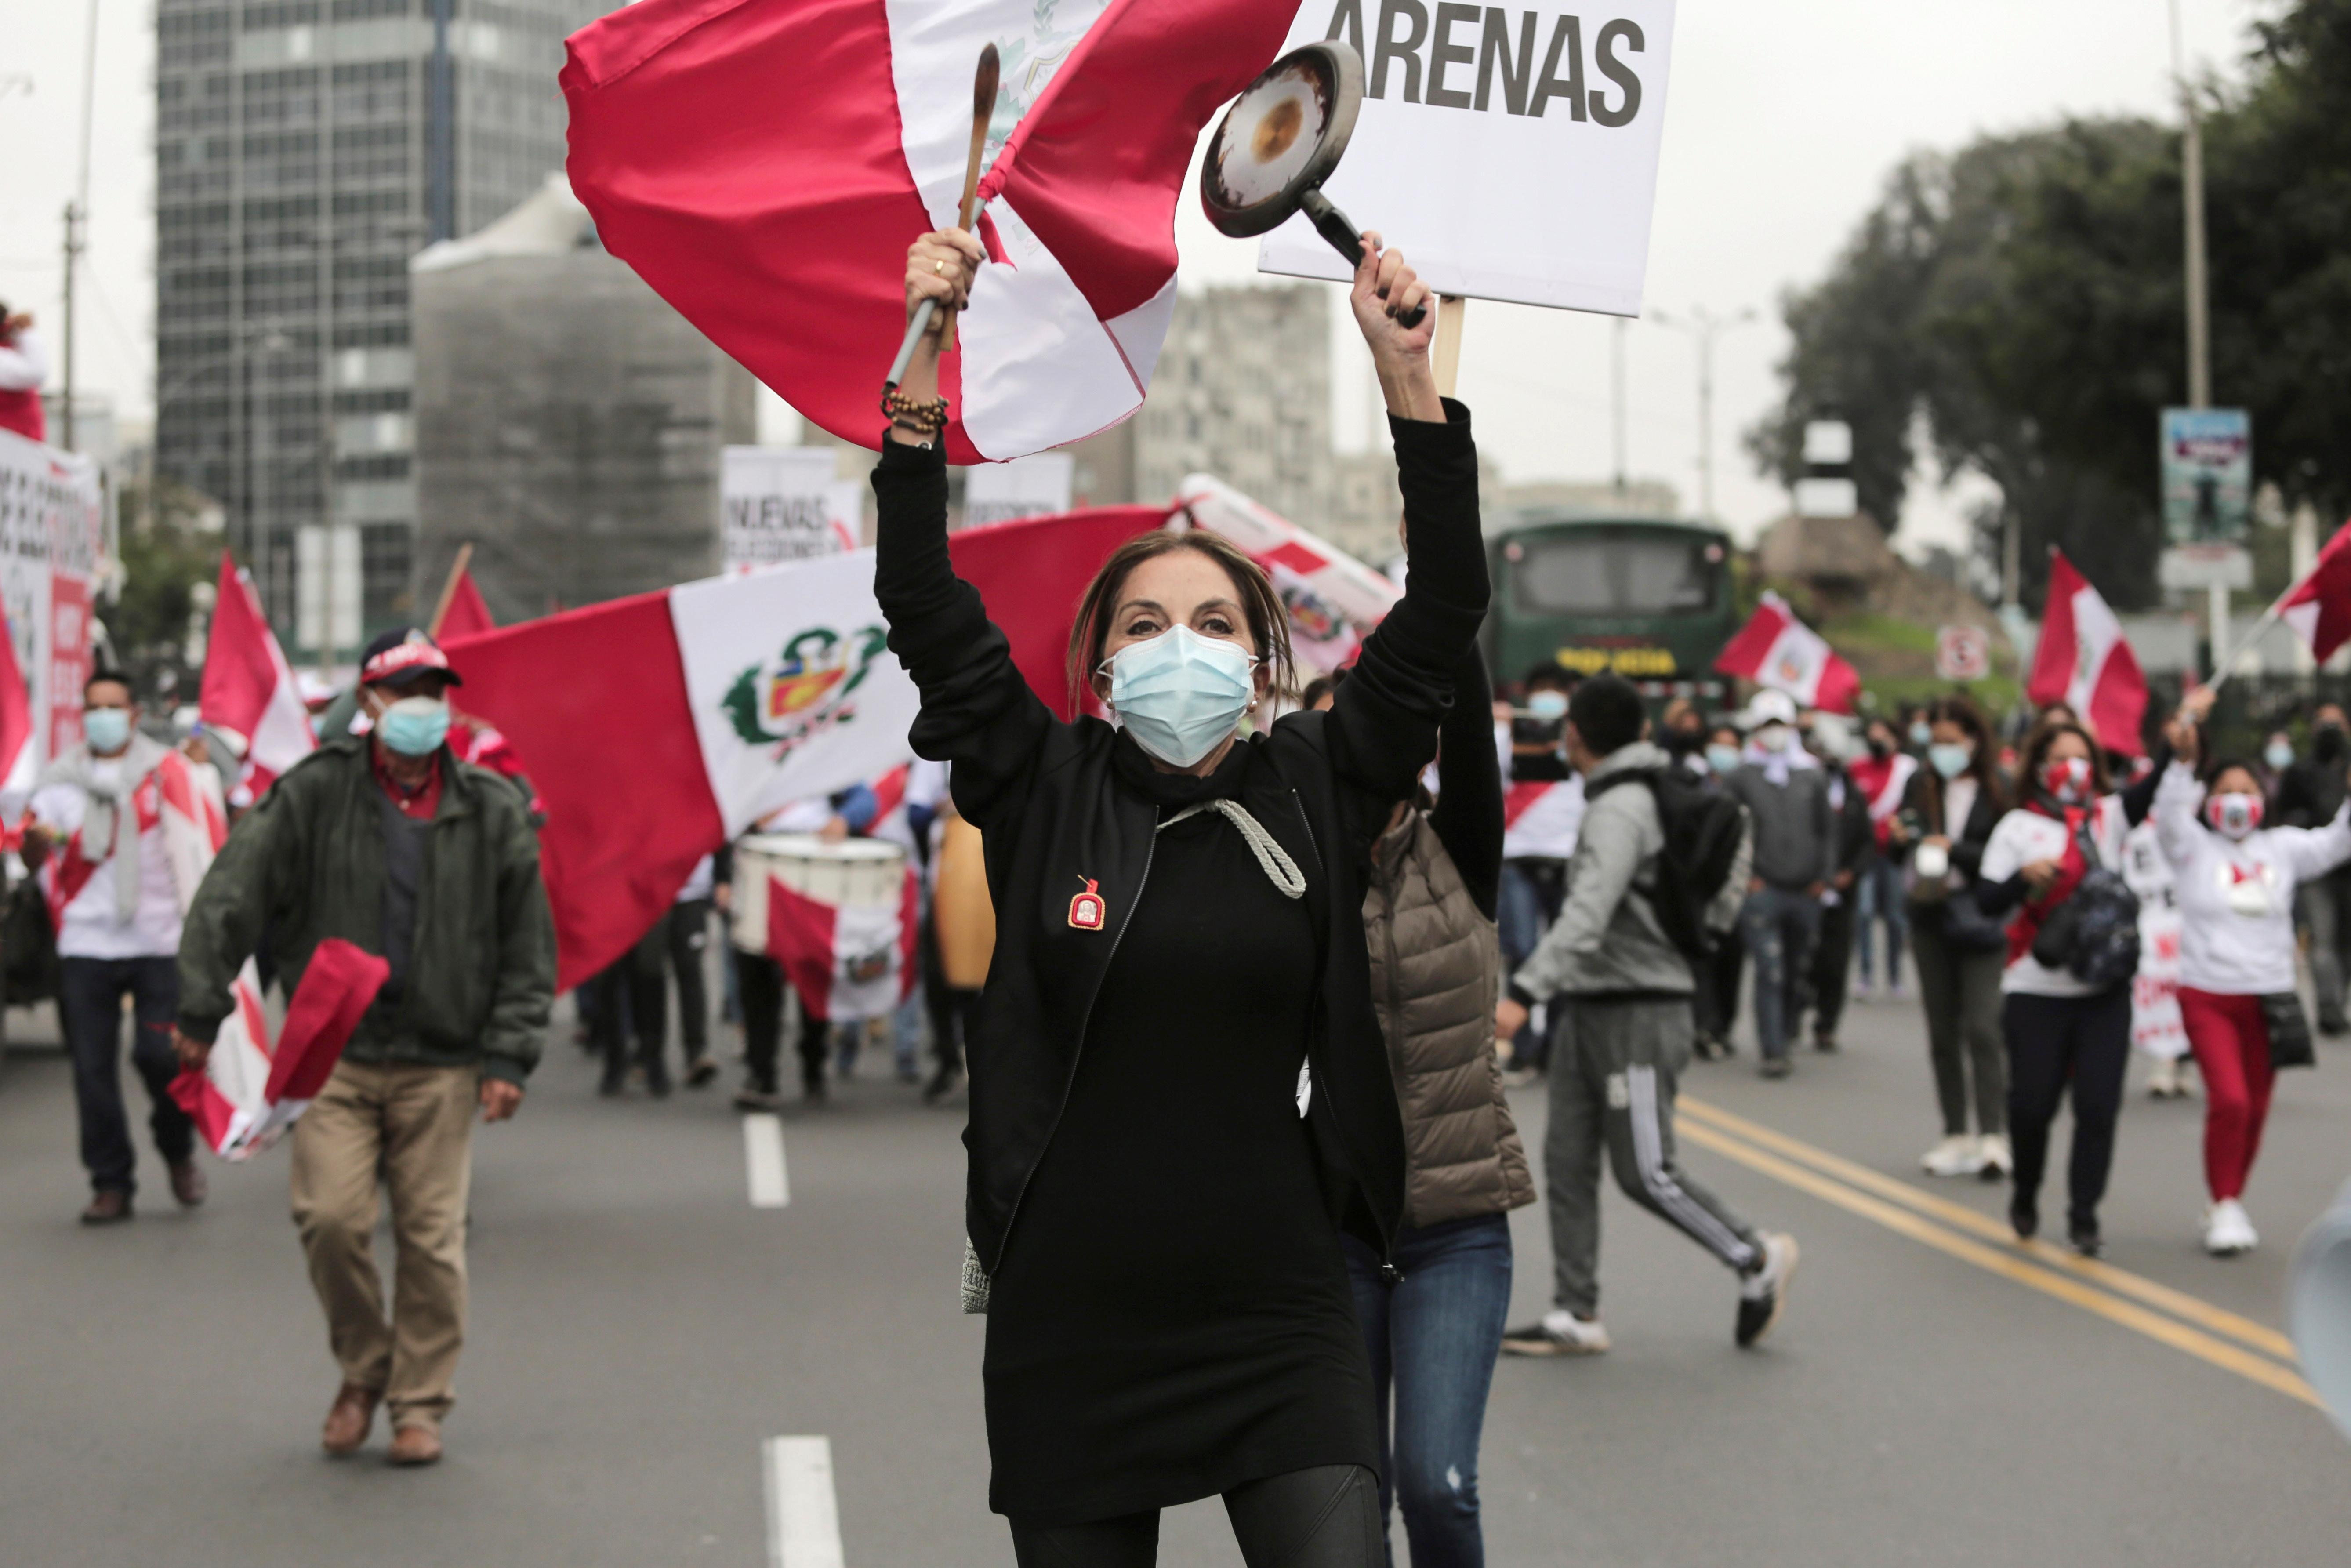 Supporters of Peru's presidential candidate Keiko Fujimori march in Lima, Peru June 19, 2021. REUTERS/Gerardo Marin